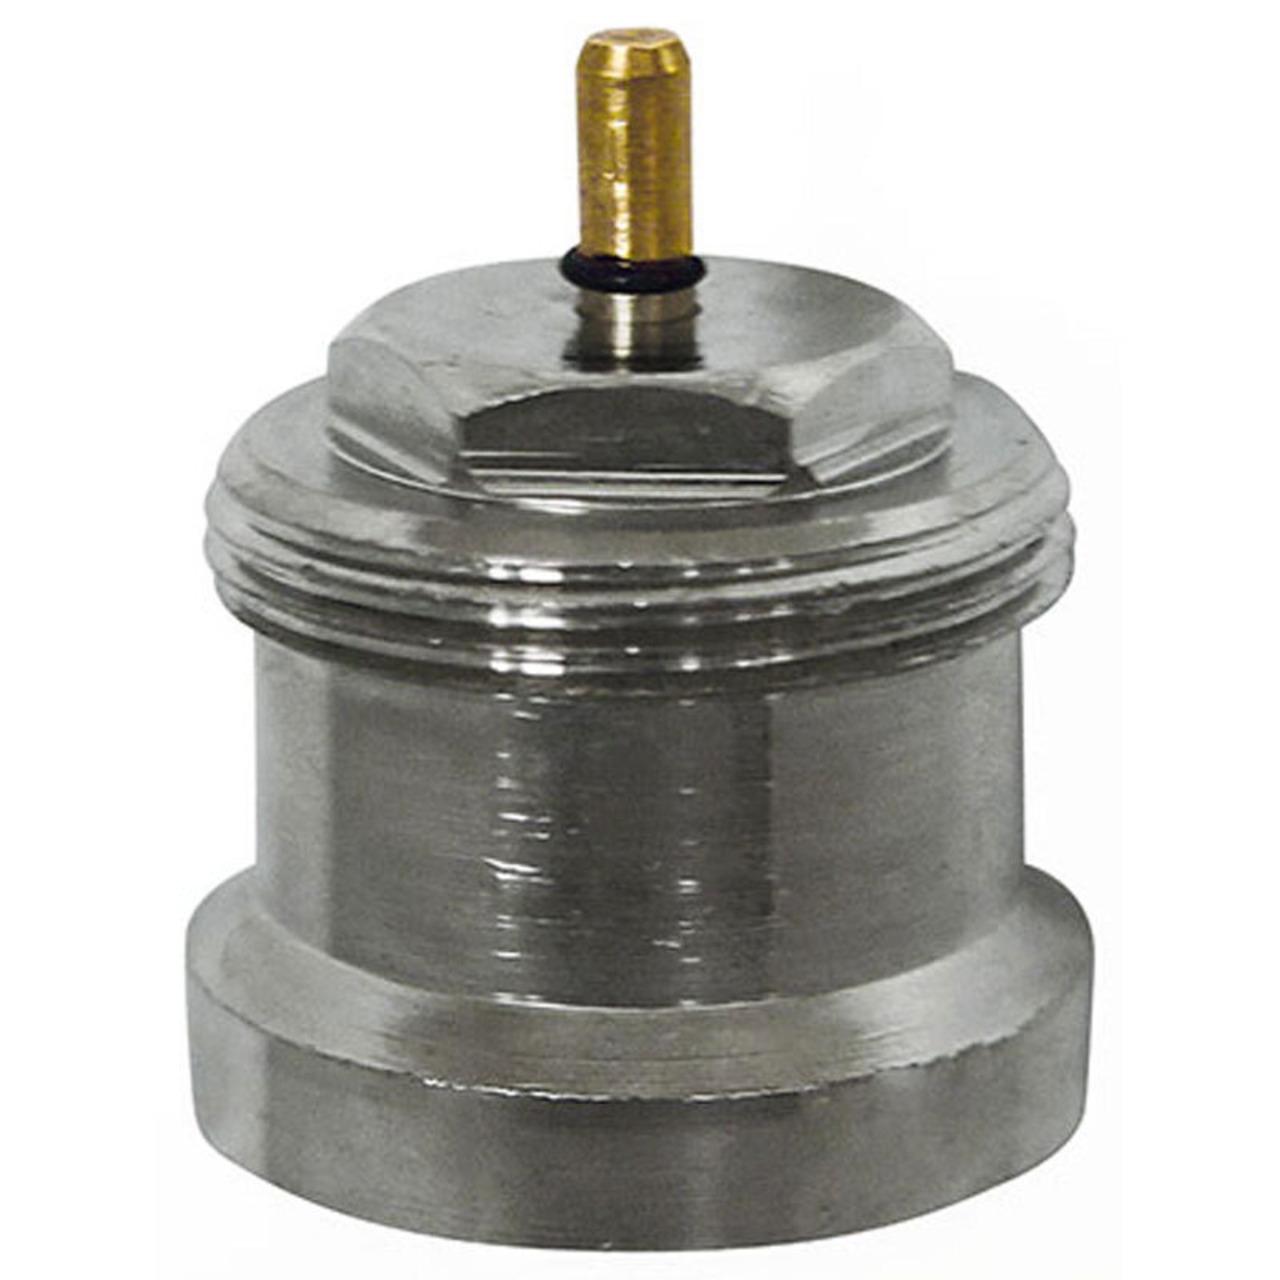 Heizungsventiladapter für Oventrop M30 x 1-0 (Messing)